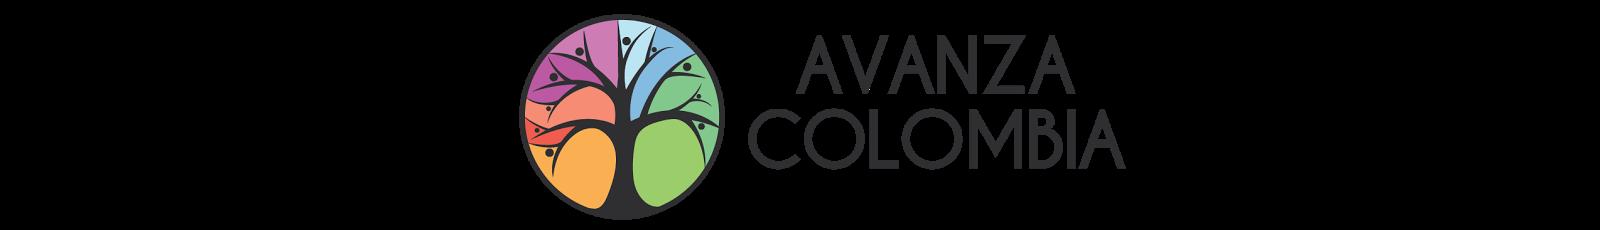 Avanza Colombia